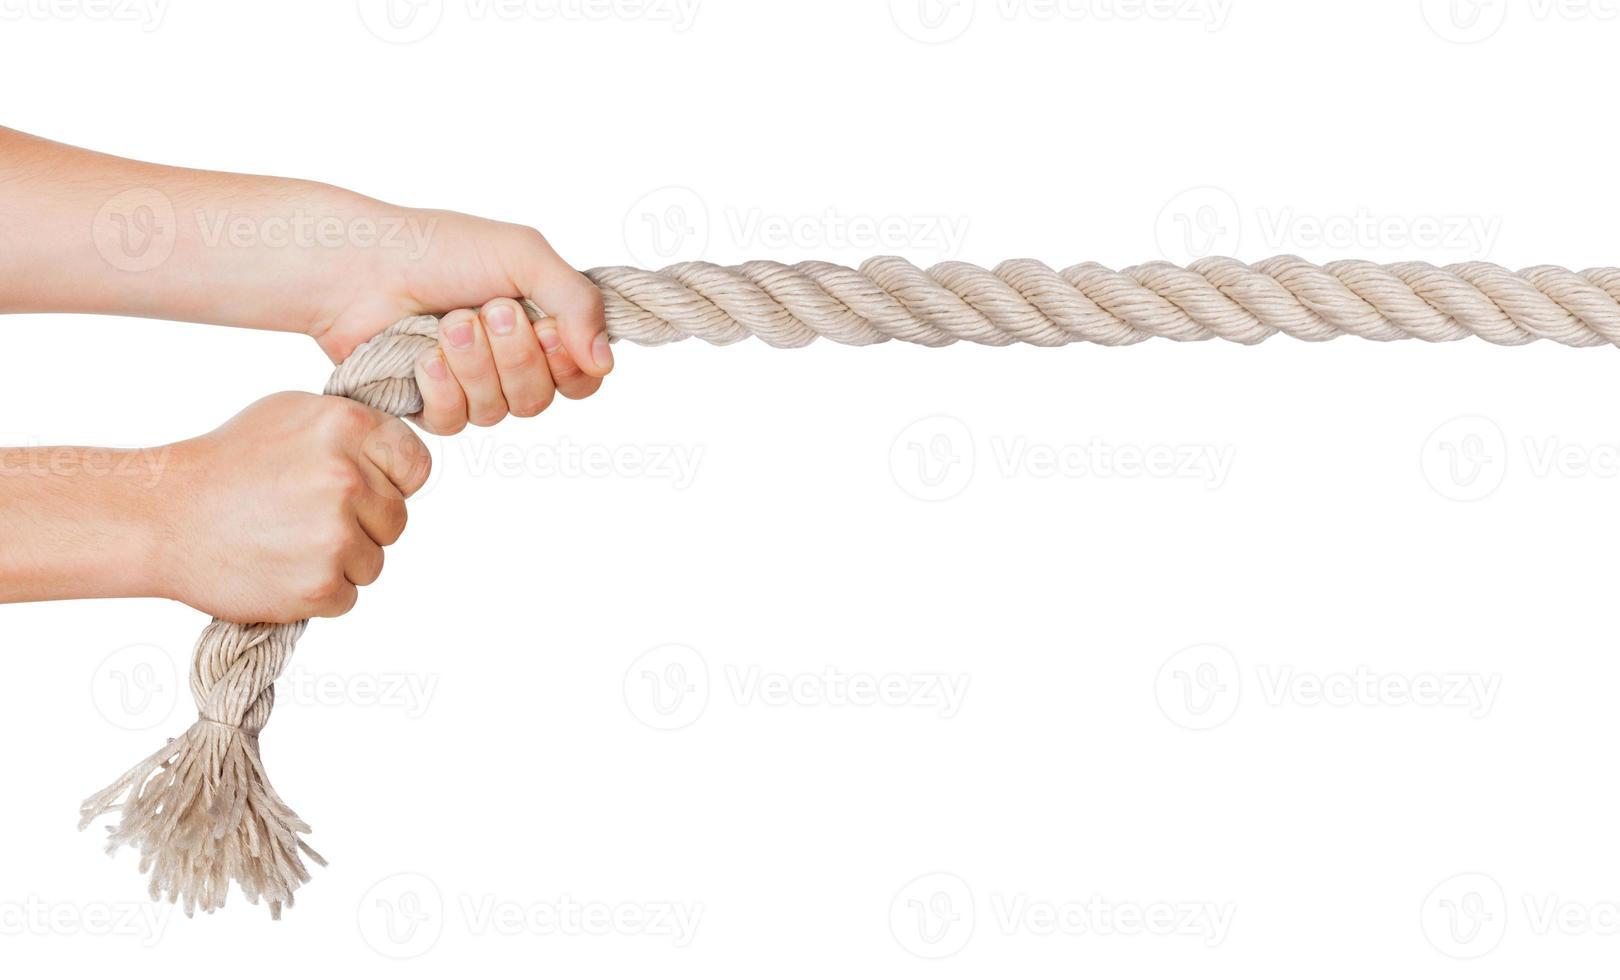 Hände ziehen ein Seil. isolierter weißer Hintergrund foto